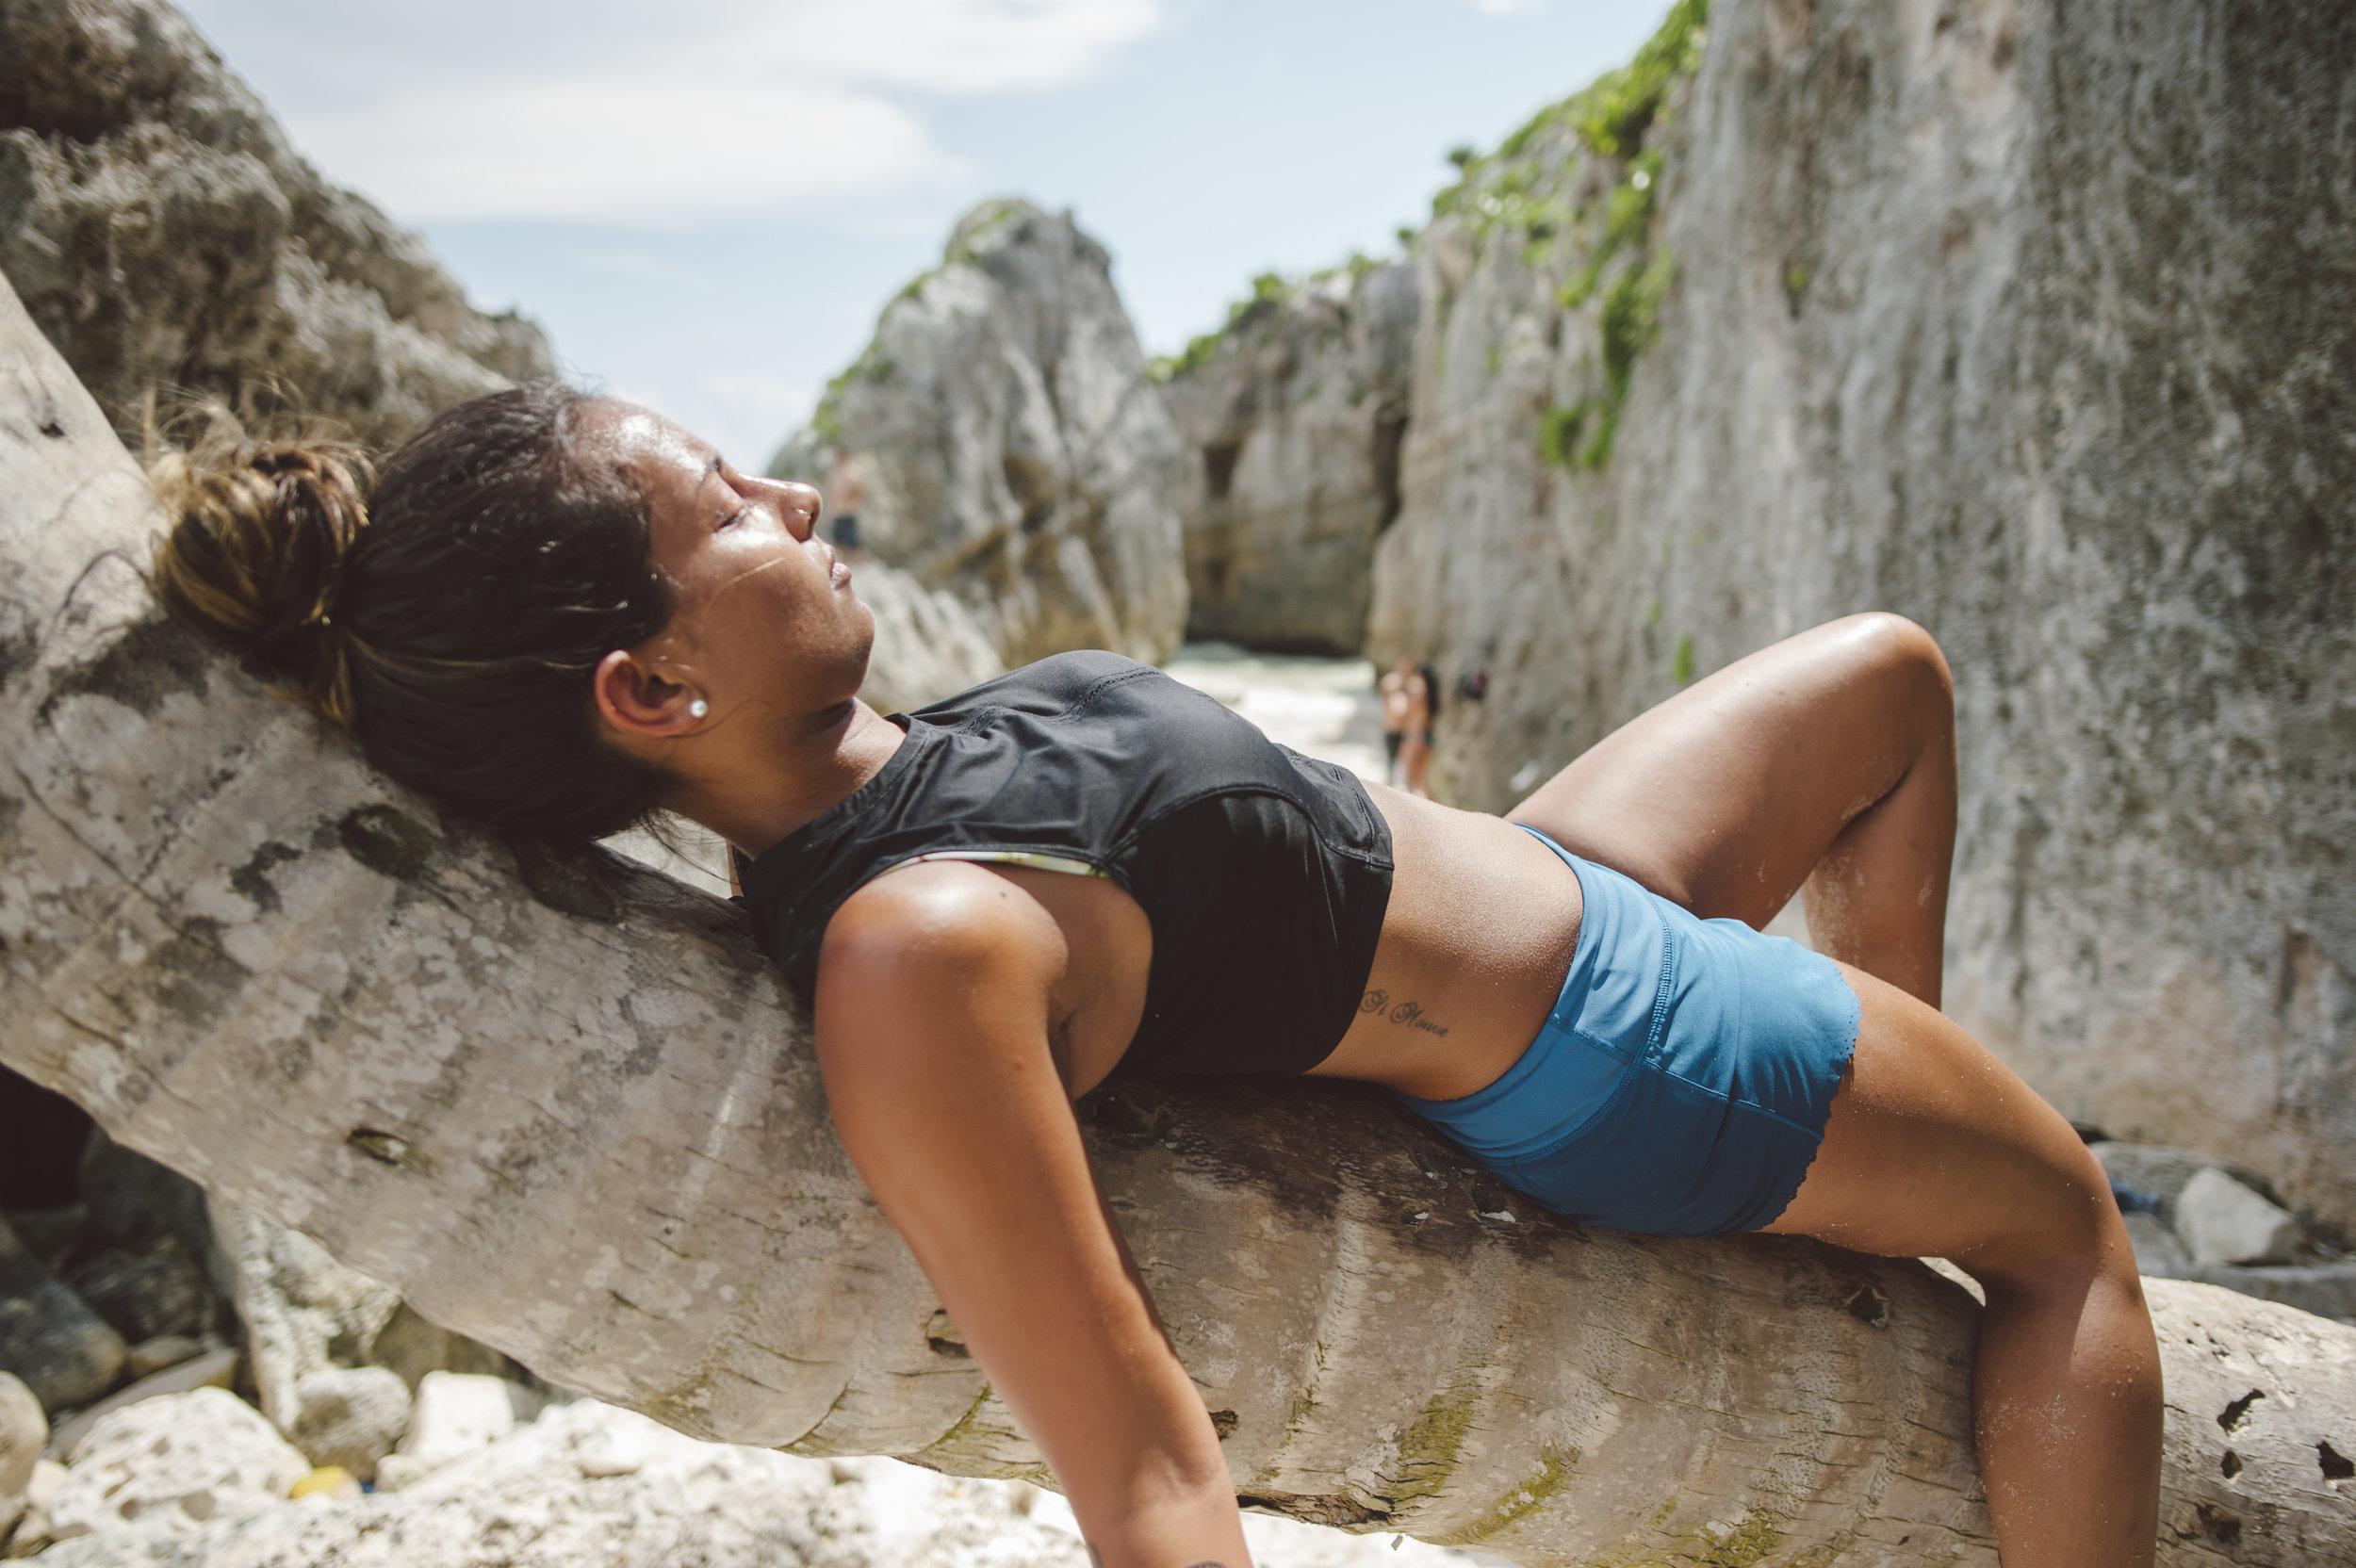 Steph Wall Yoga-Mexico 2017-Jessika Hunter Photo-408 copy.JPG